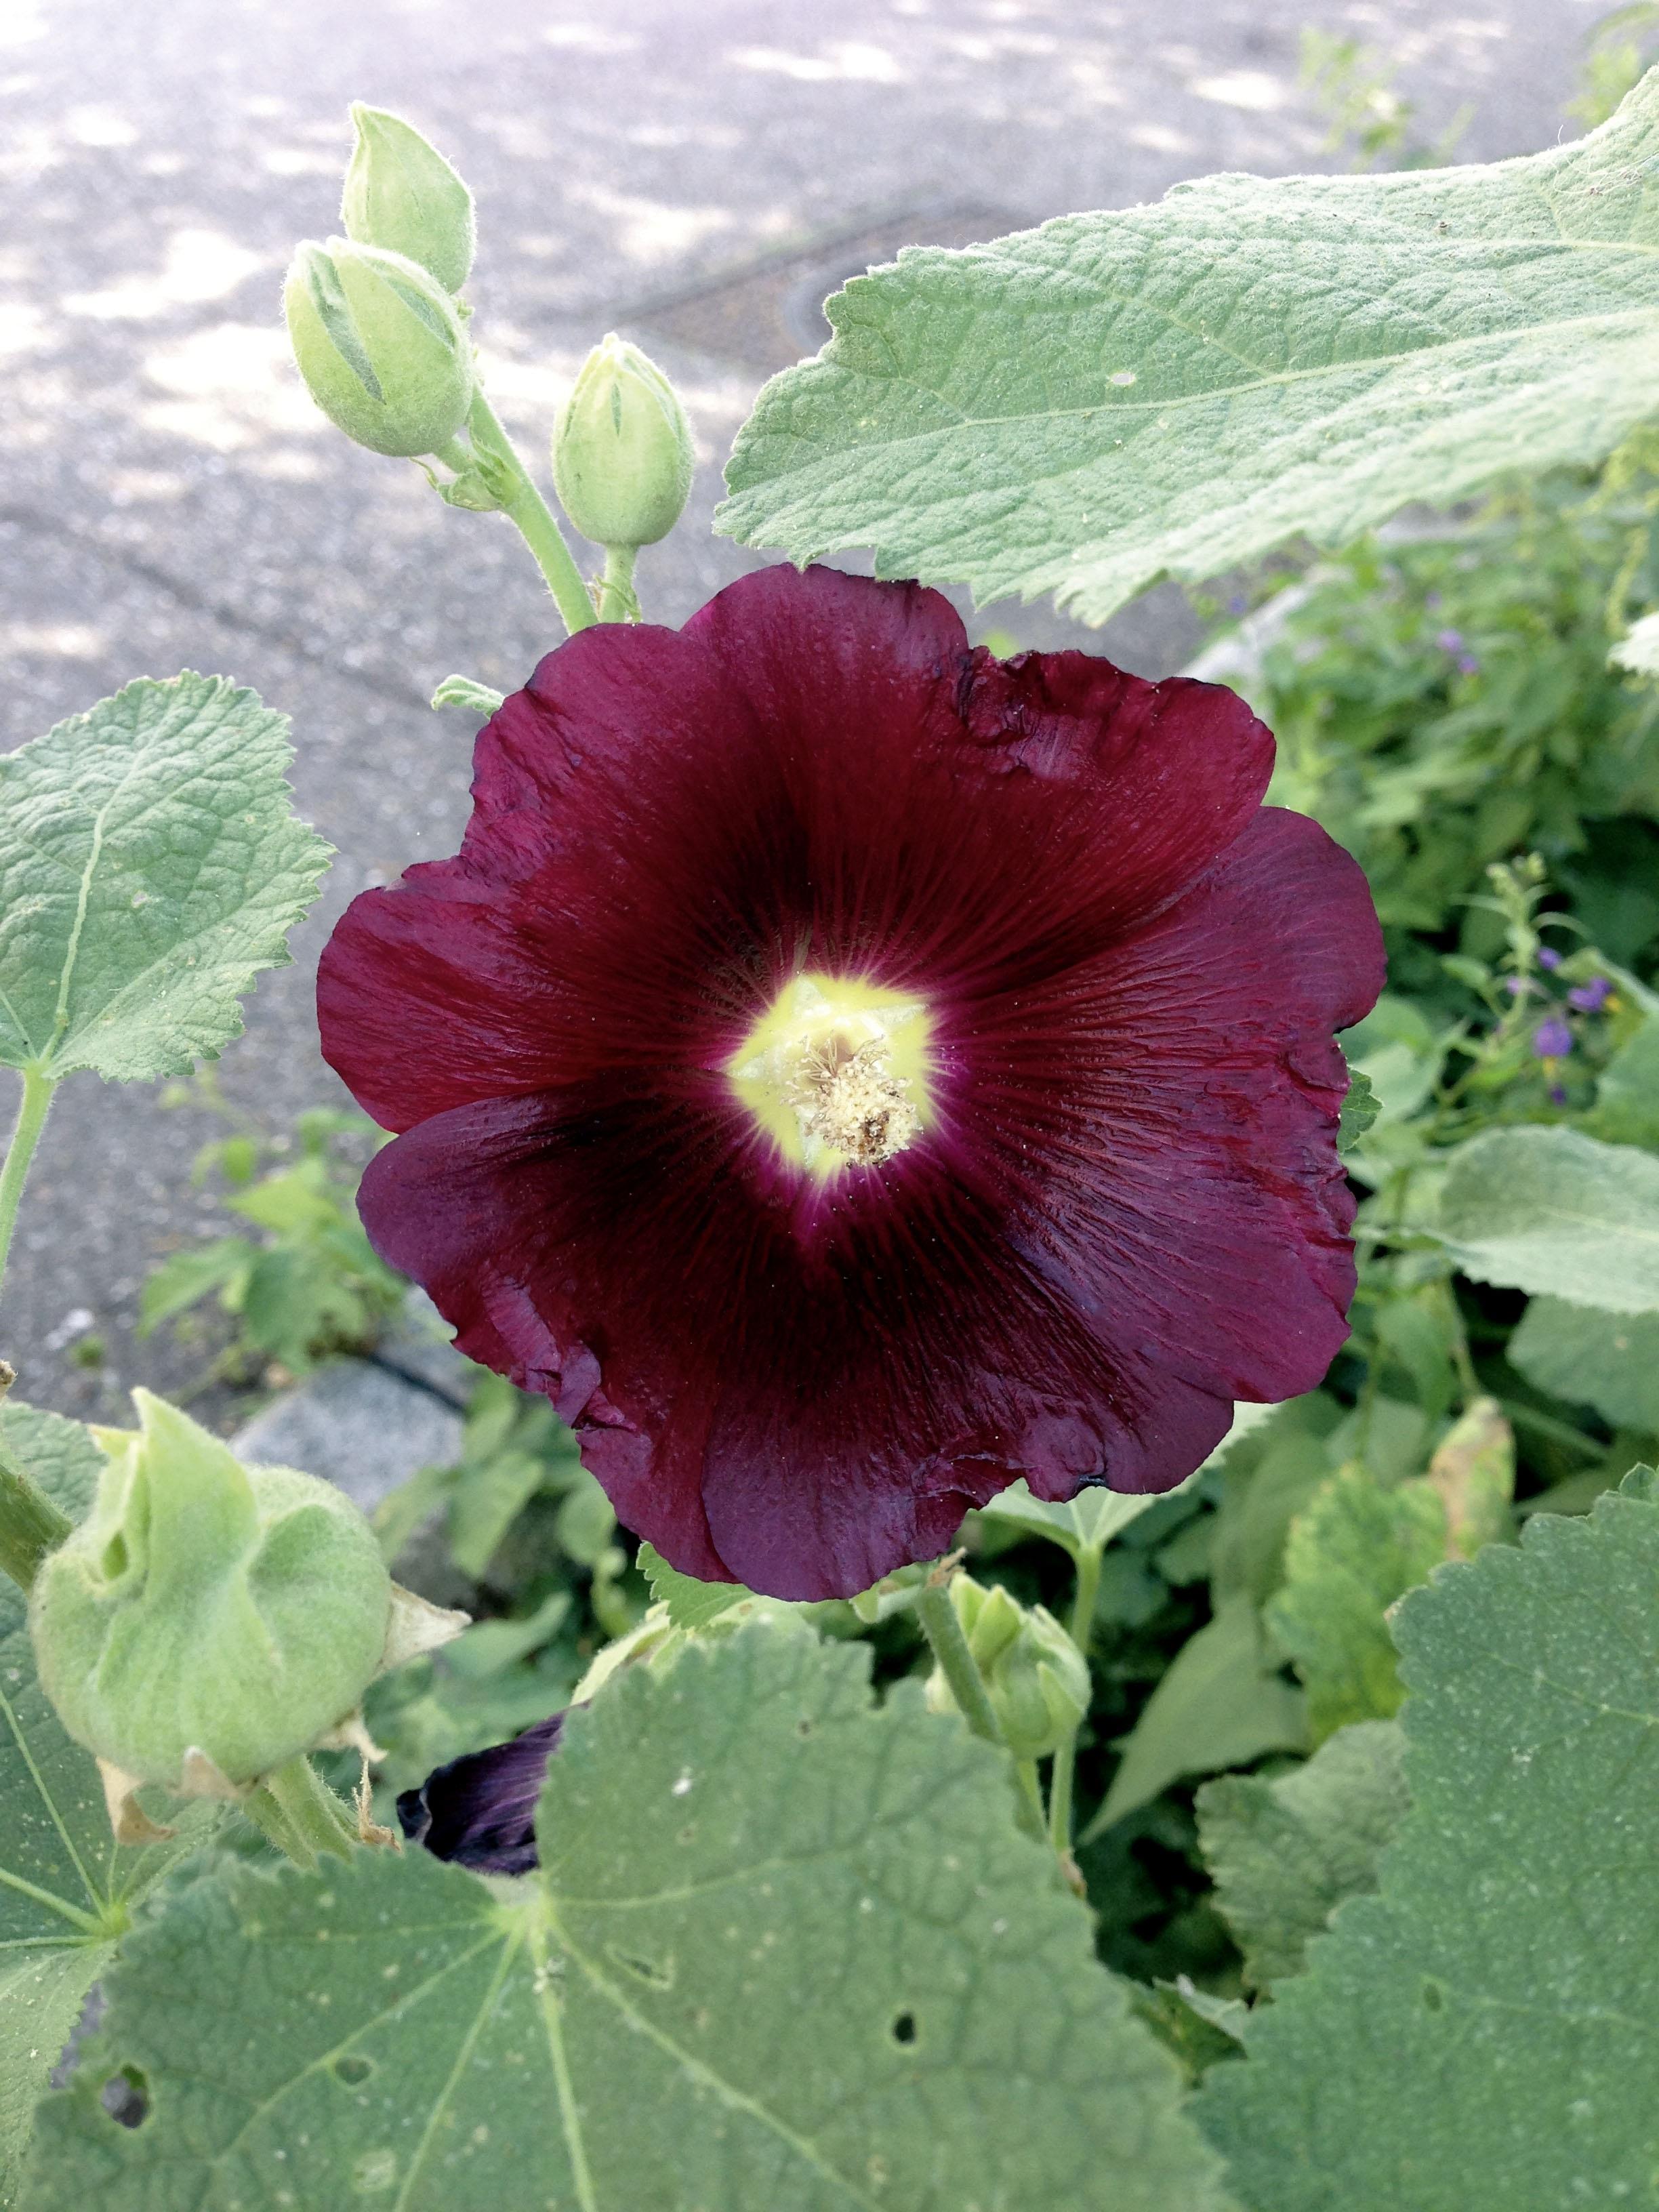 Images Gratuites : fleur, violet, pétale, été, botanique, flore, Bordeaux, Hiboux, plante à ...